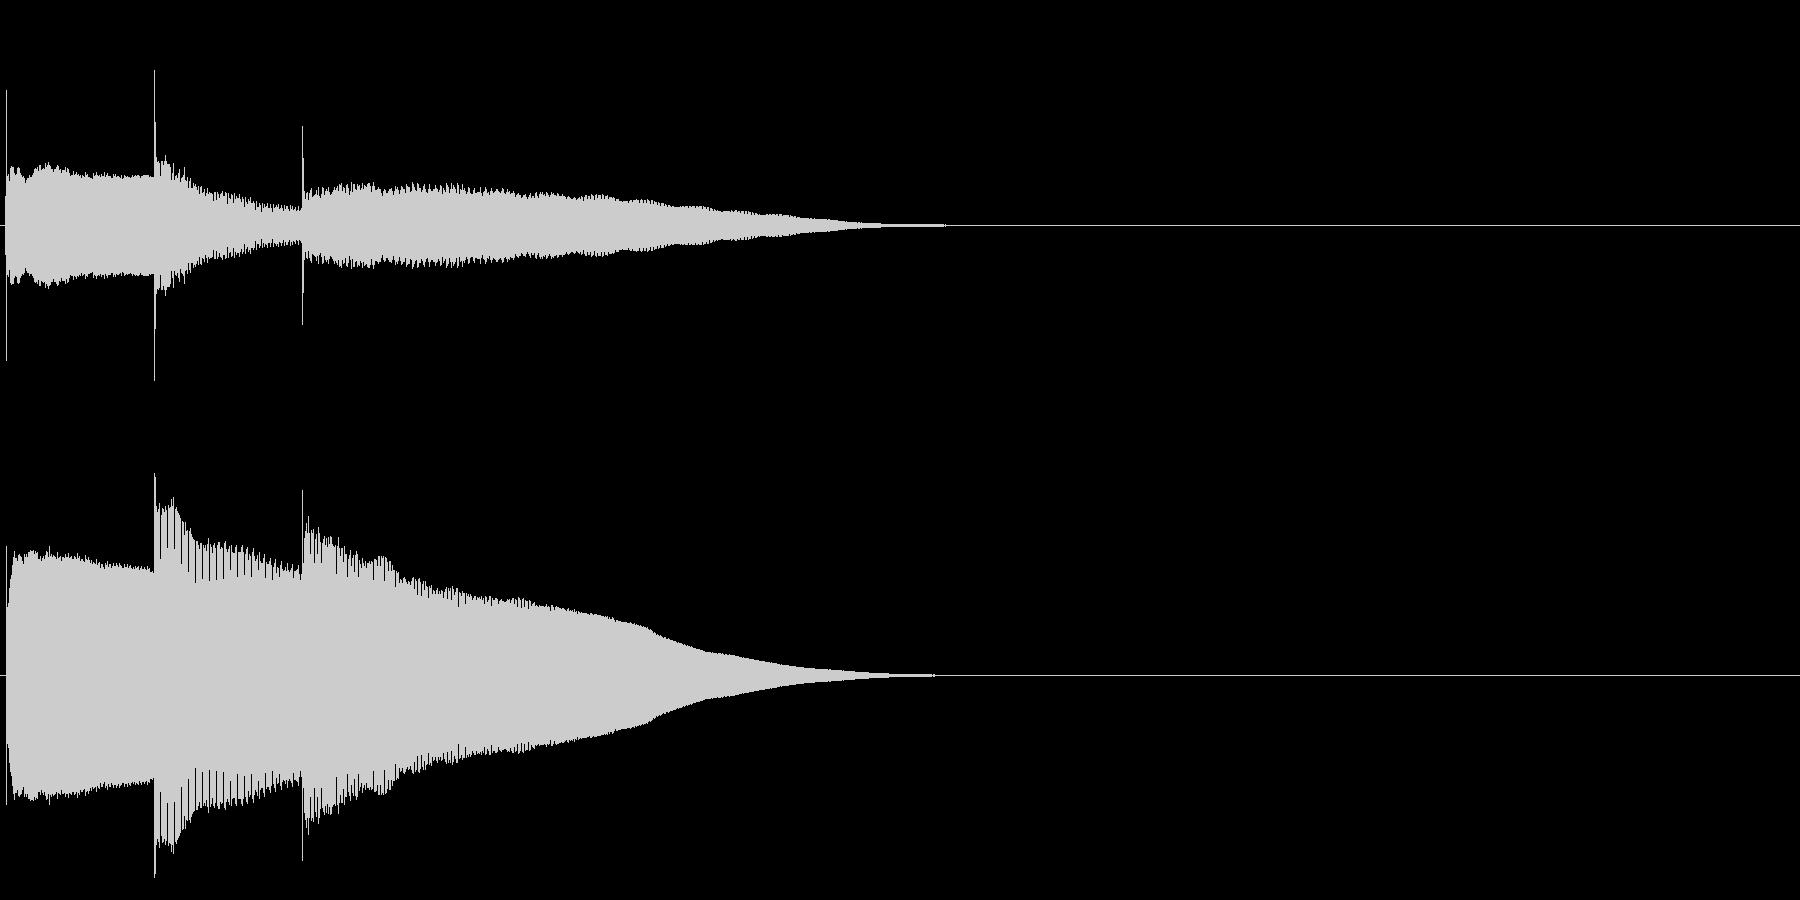 グロッケン系 決定音06(中)の未再生の波形